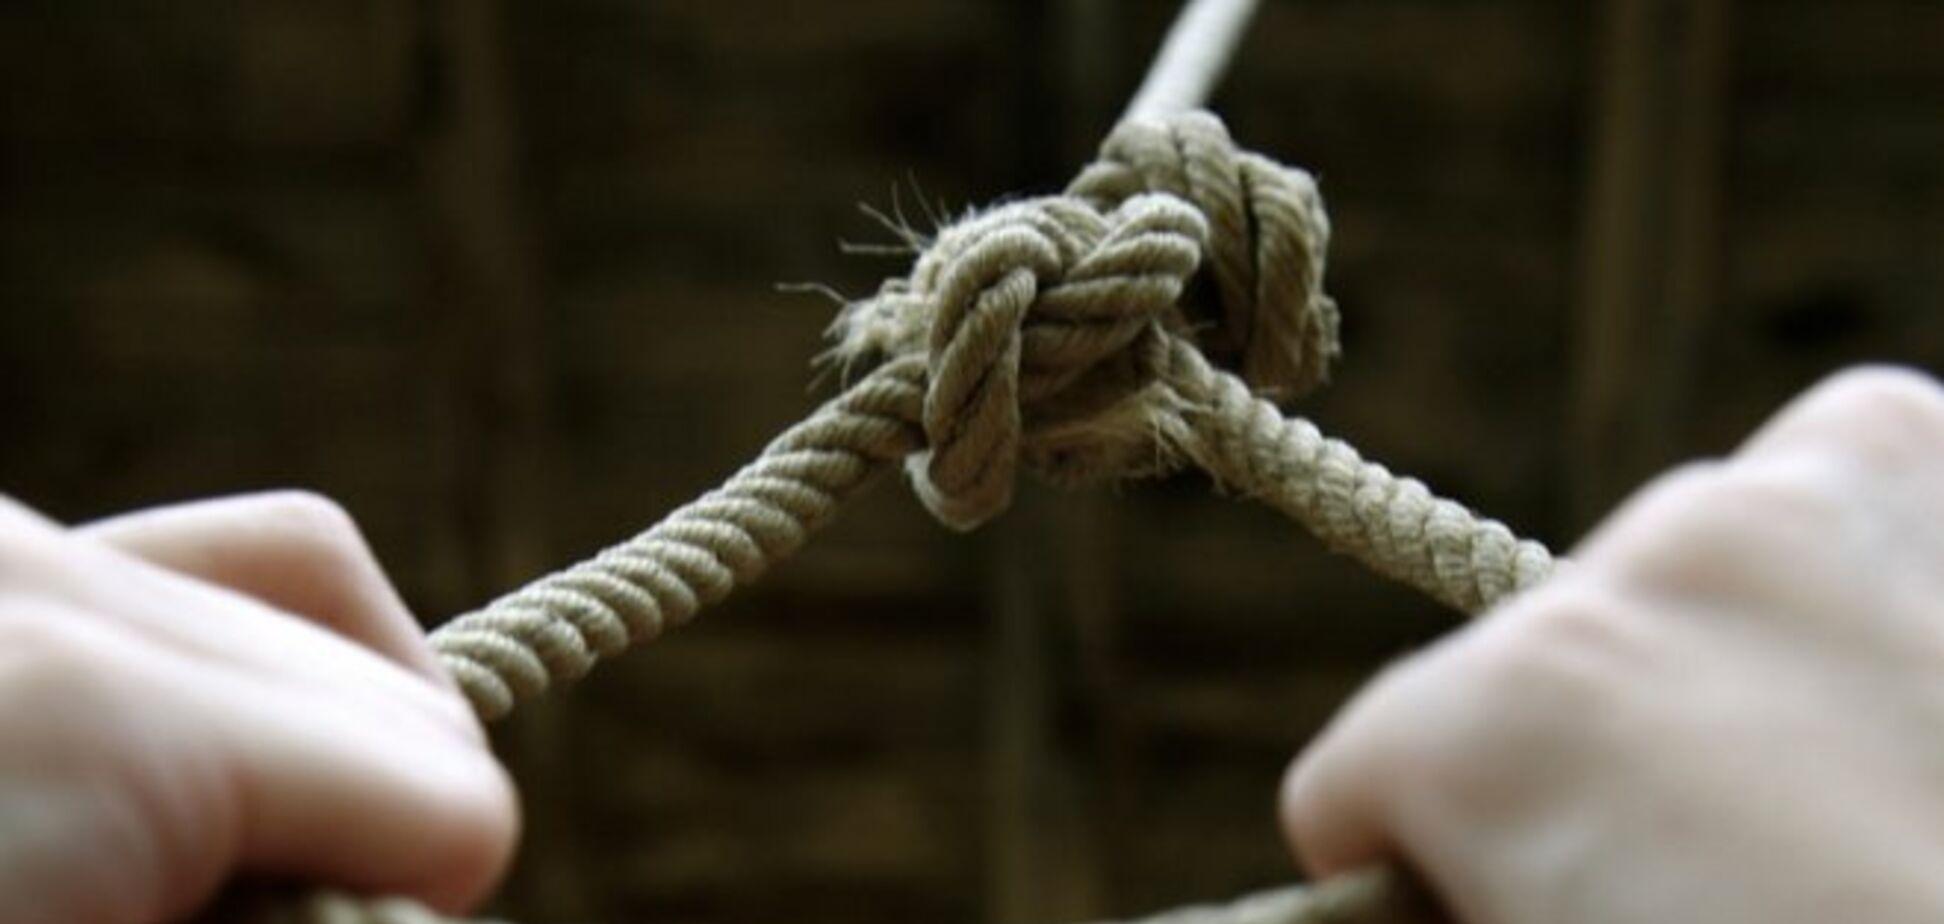 У Кривому Розі екс-в'язень влаштував публічне самогубство. Фото 18+